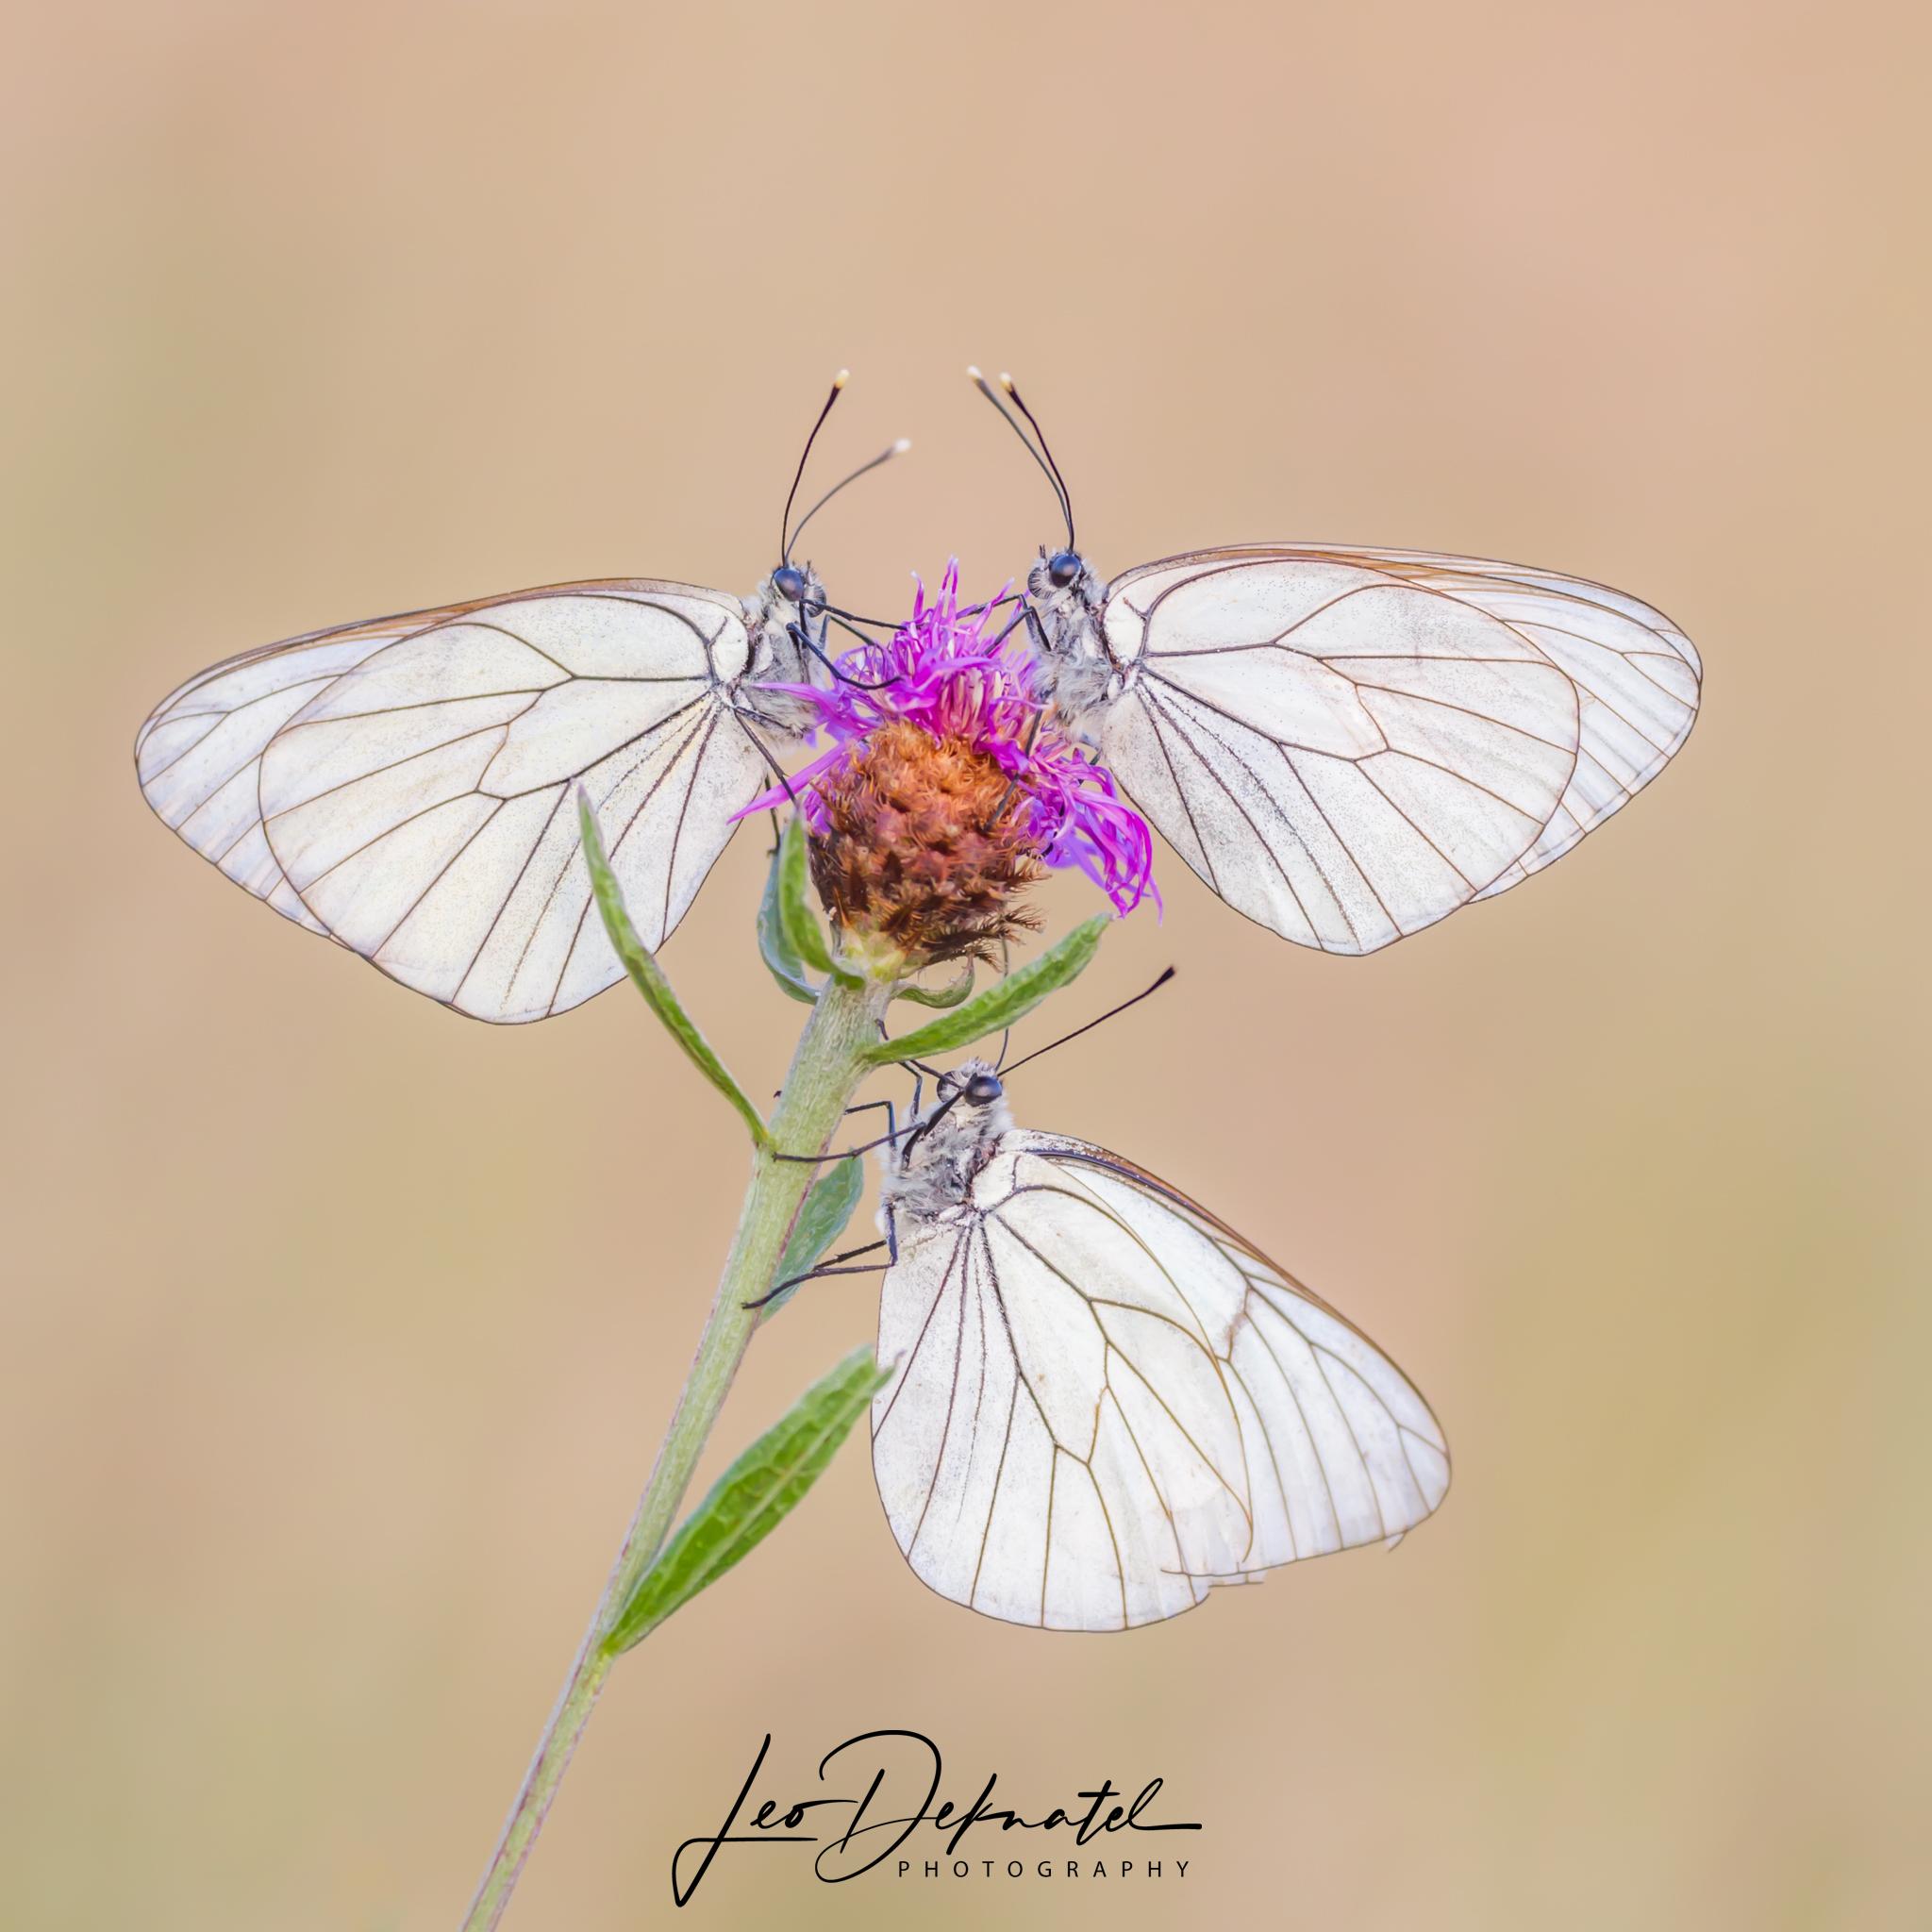 Groot geaderd witje, Witje, Vlinder, Vlinders, Macro, Macrofotografie, Natuur, Natuurfotografie